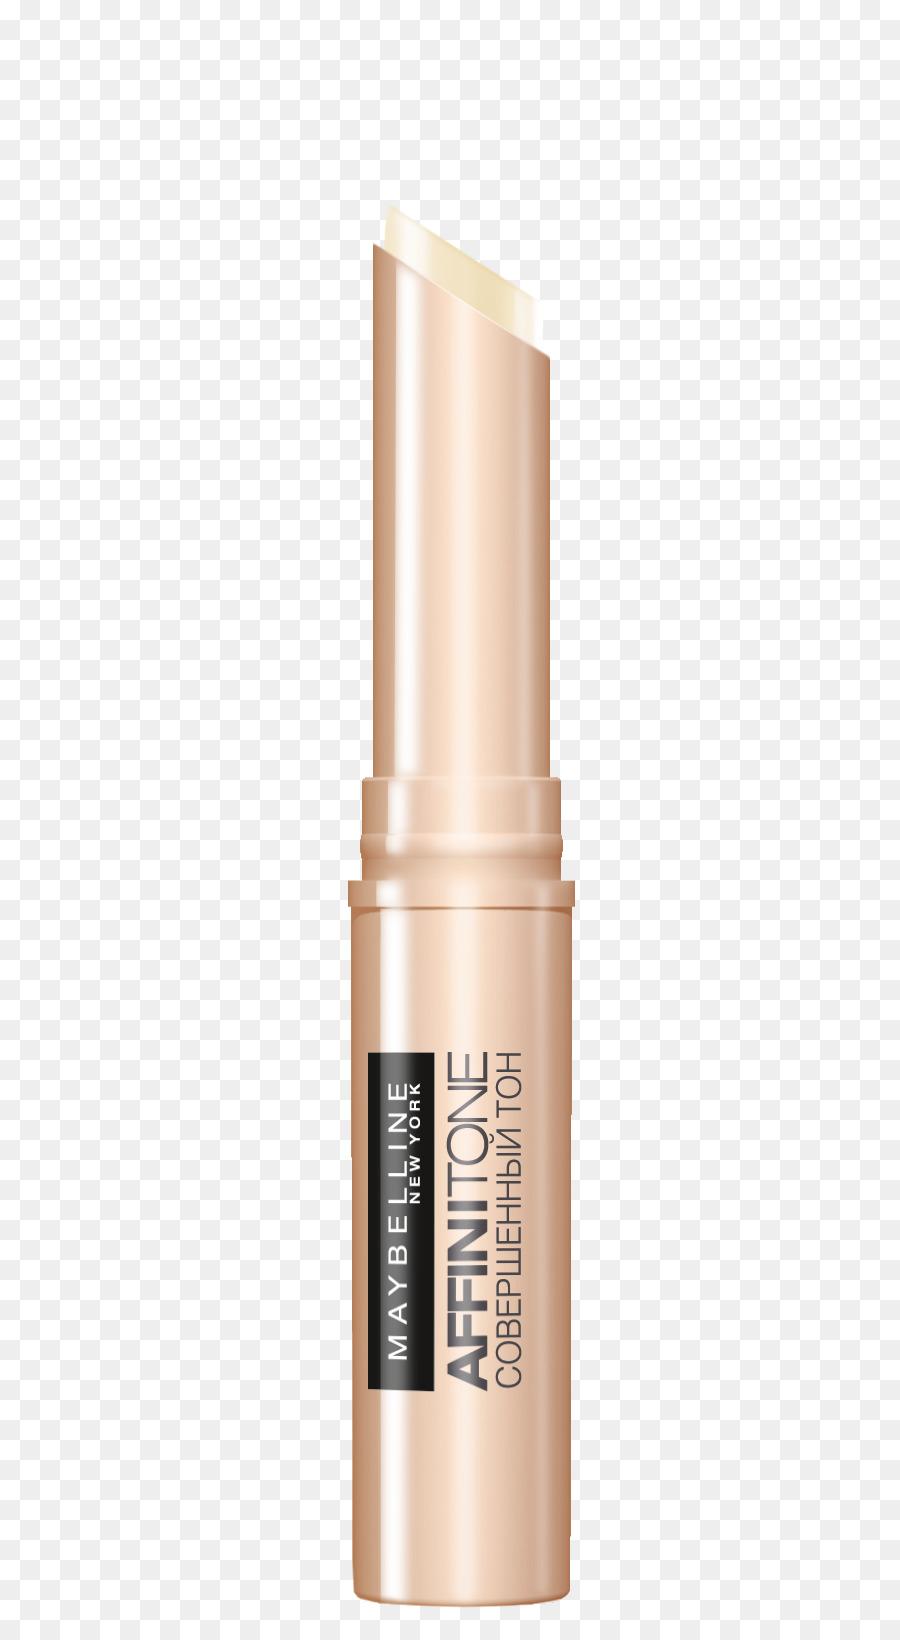 Maybelline Fit Me Matte Poreless Foundation Concealer Face